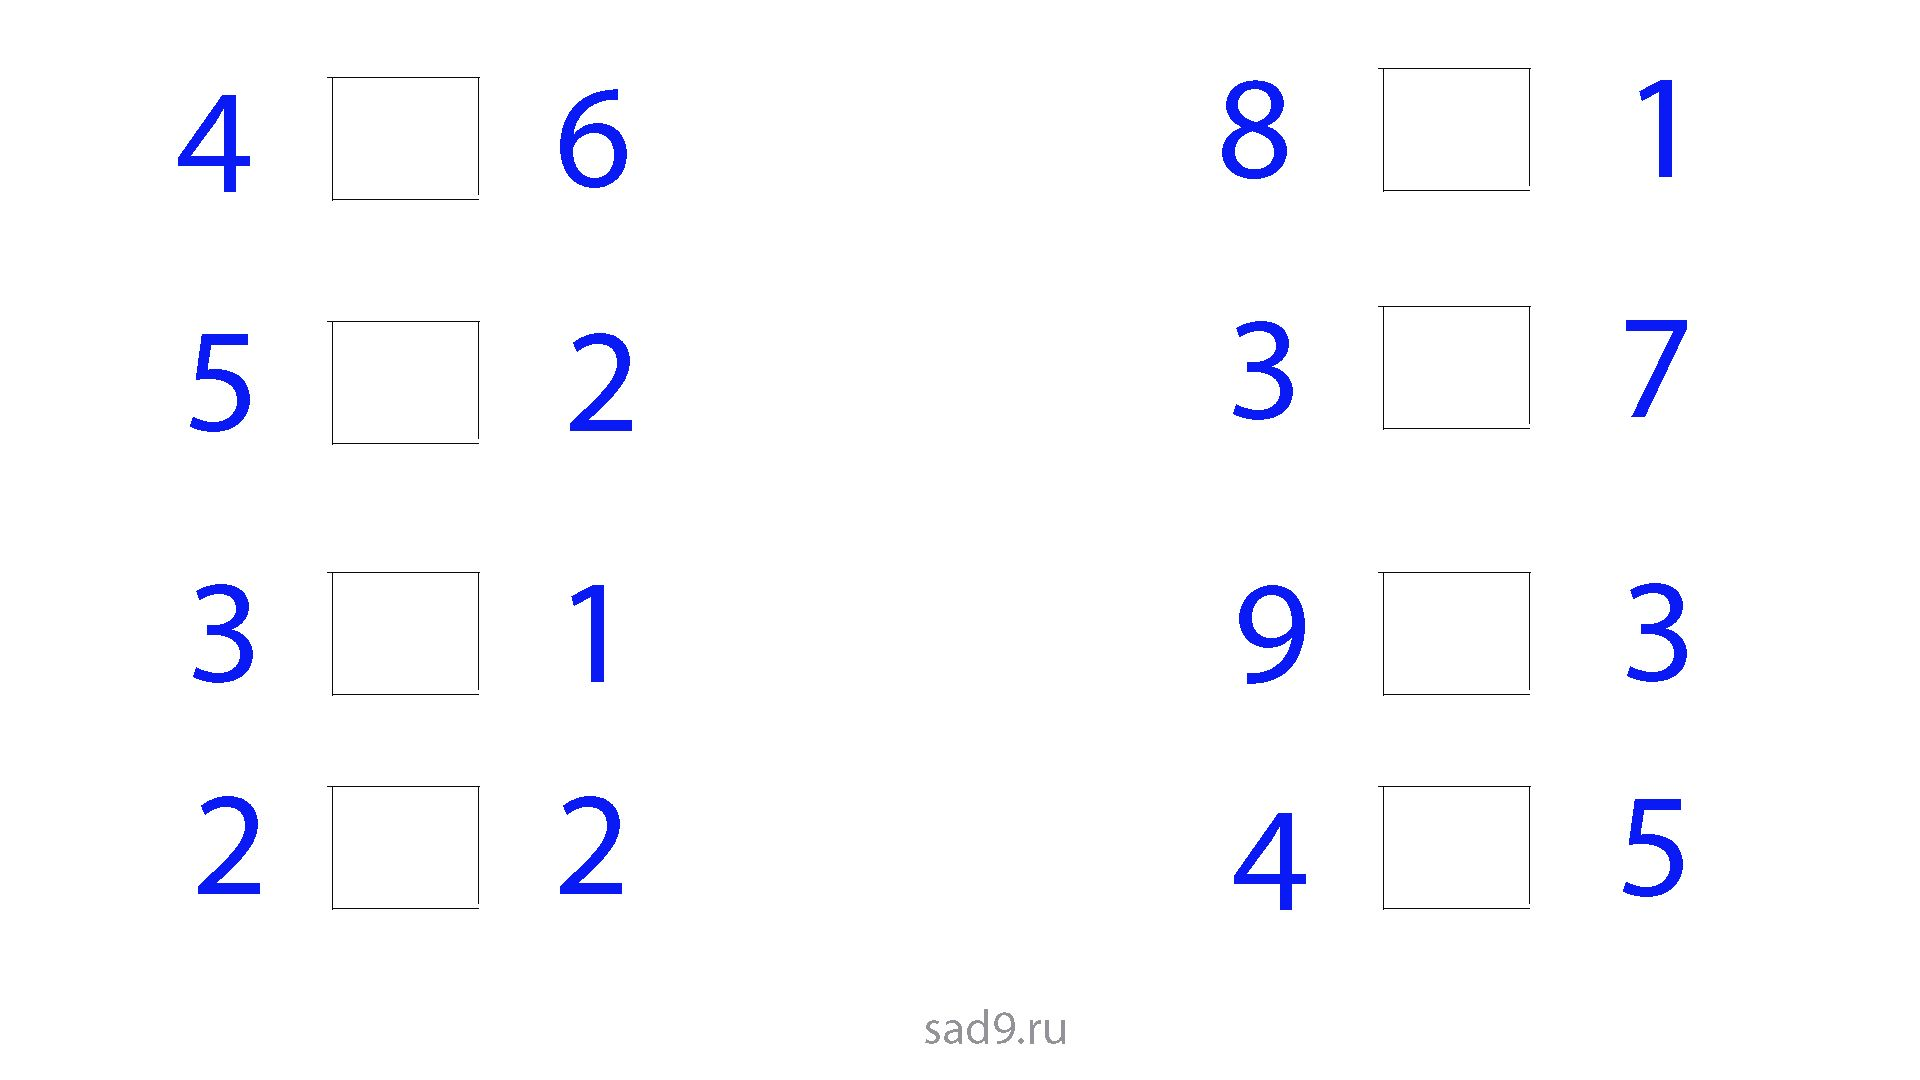 Задания по математике для дошкольников